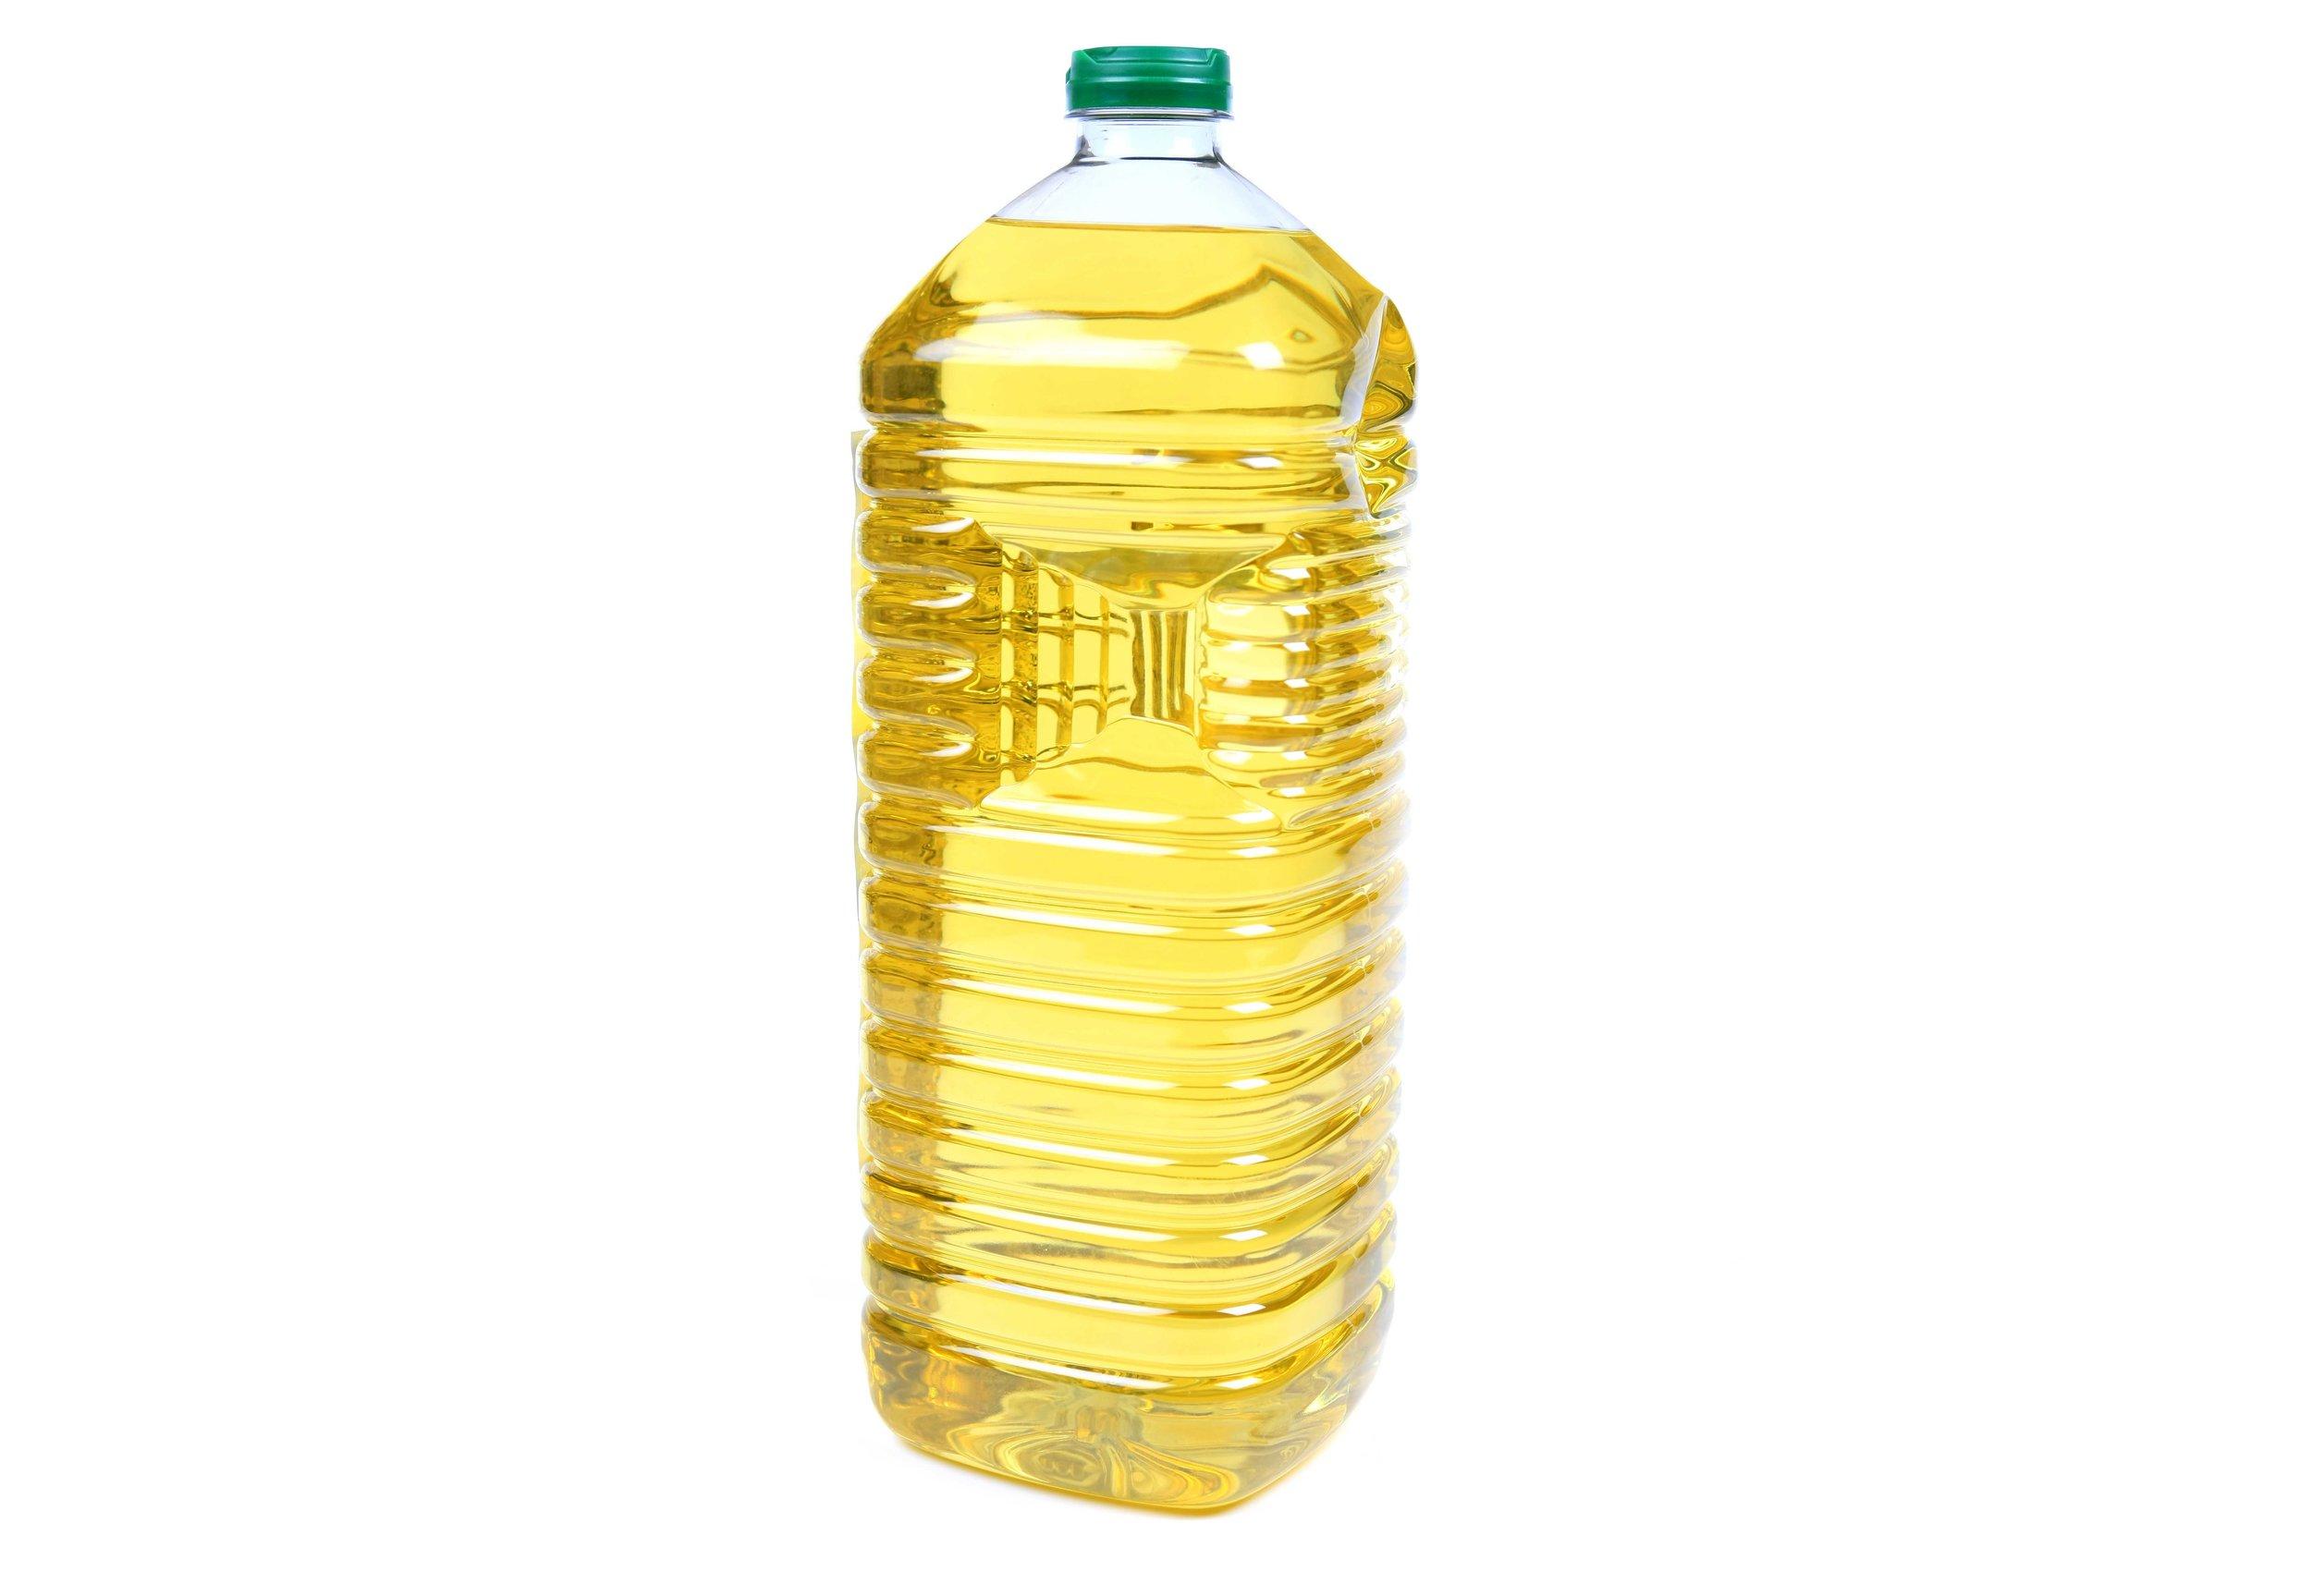 veg-oil.jpg